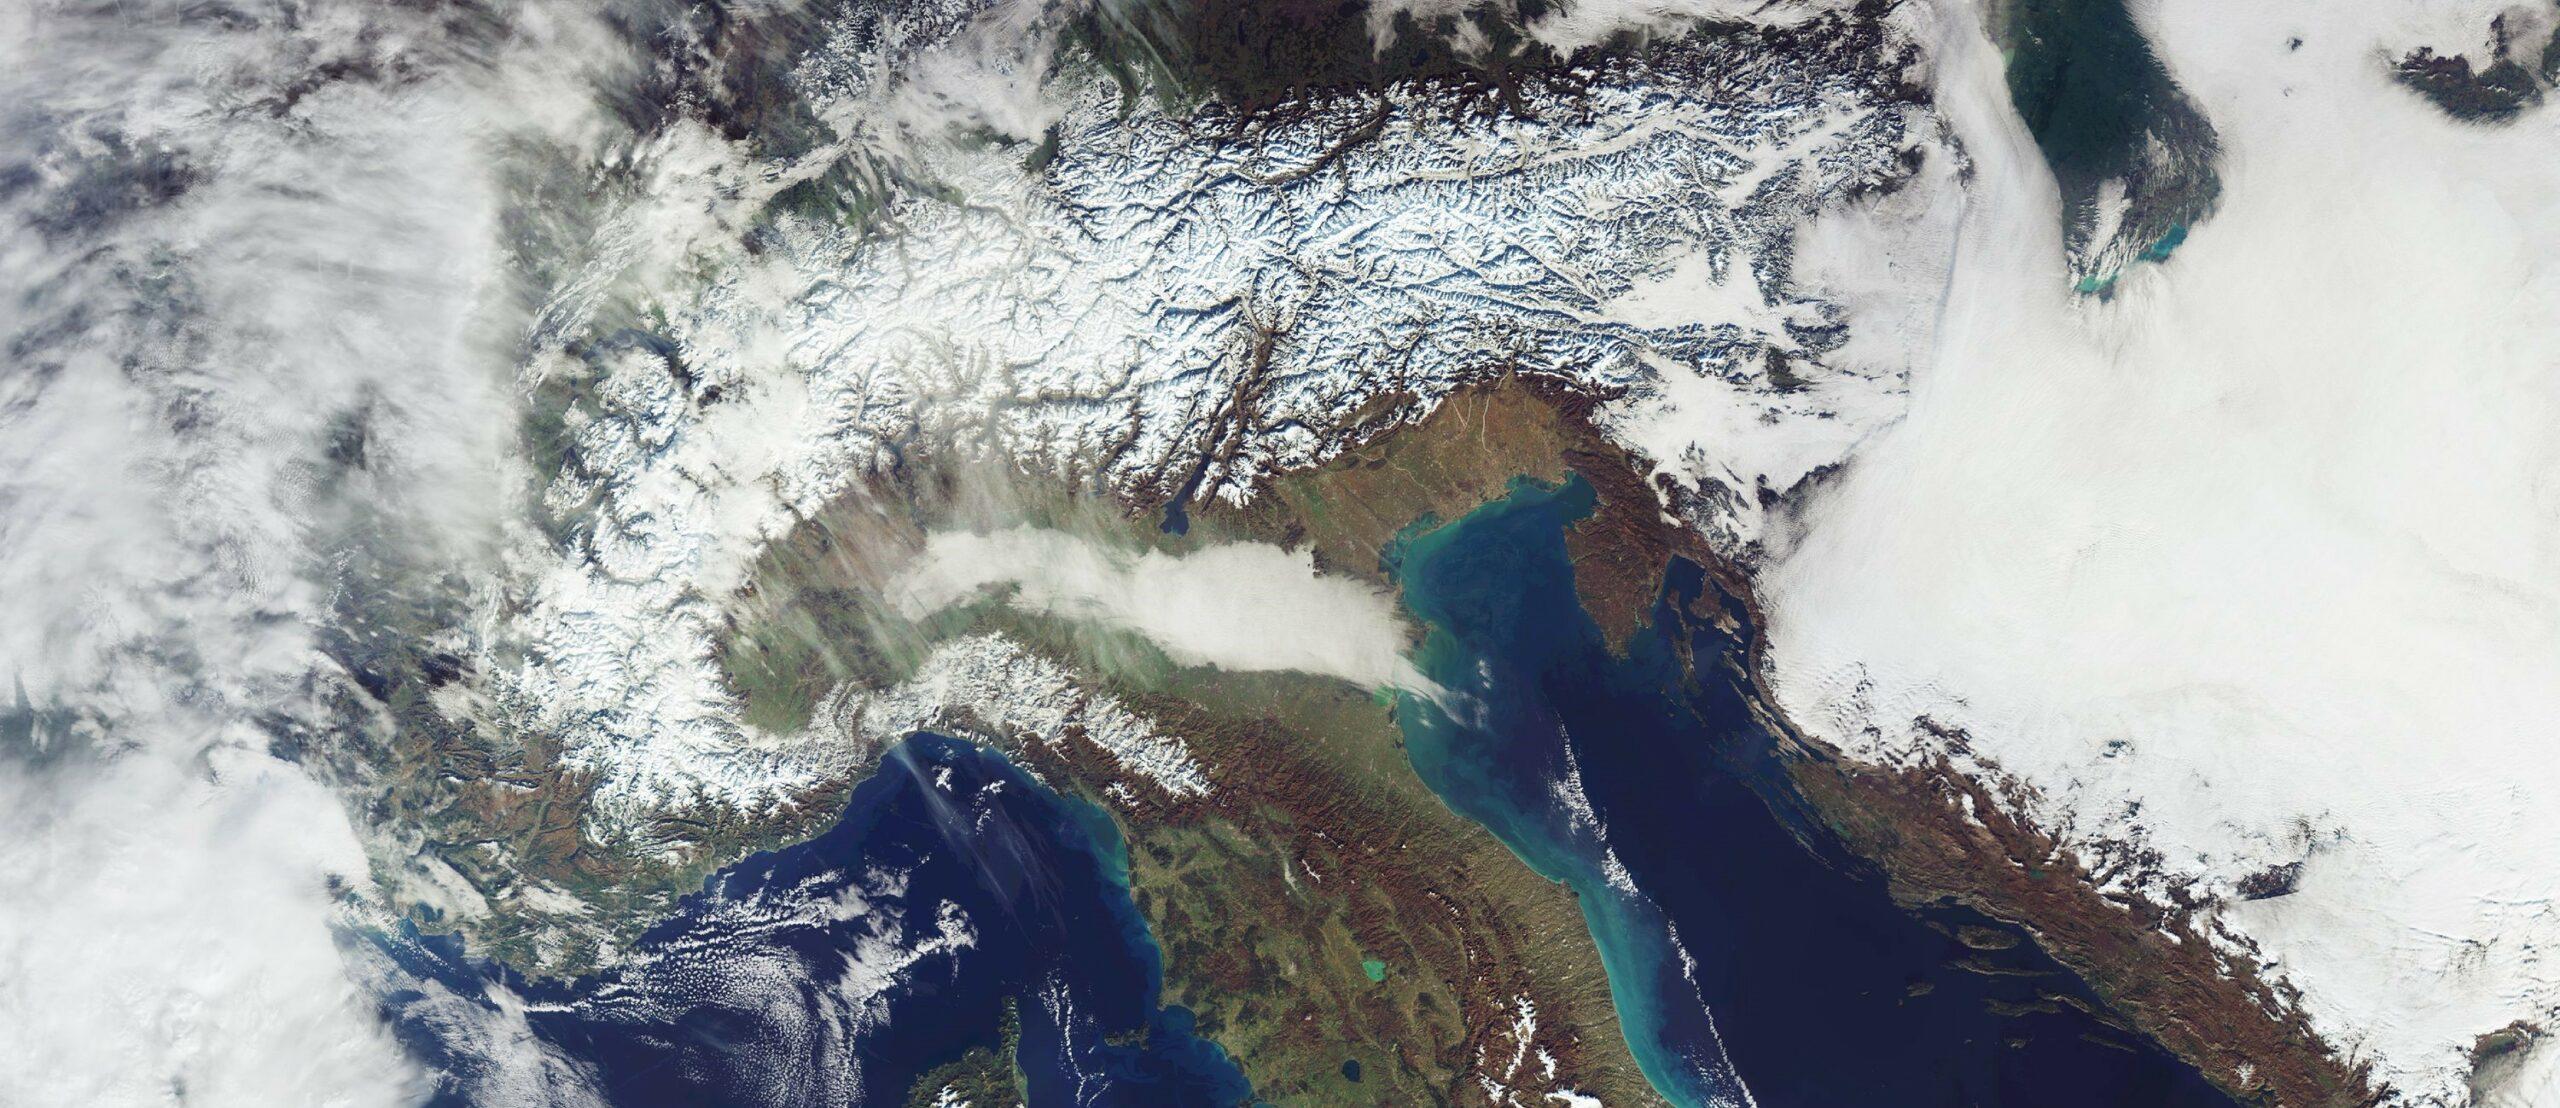 Geohazards modeling in Göttingen and Aachen